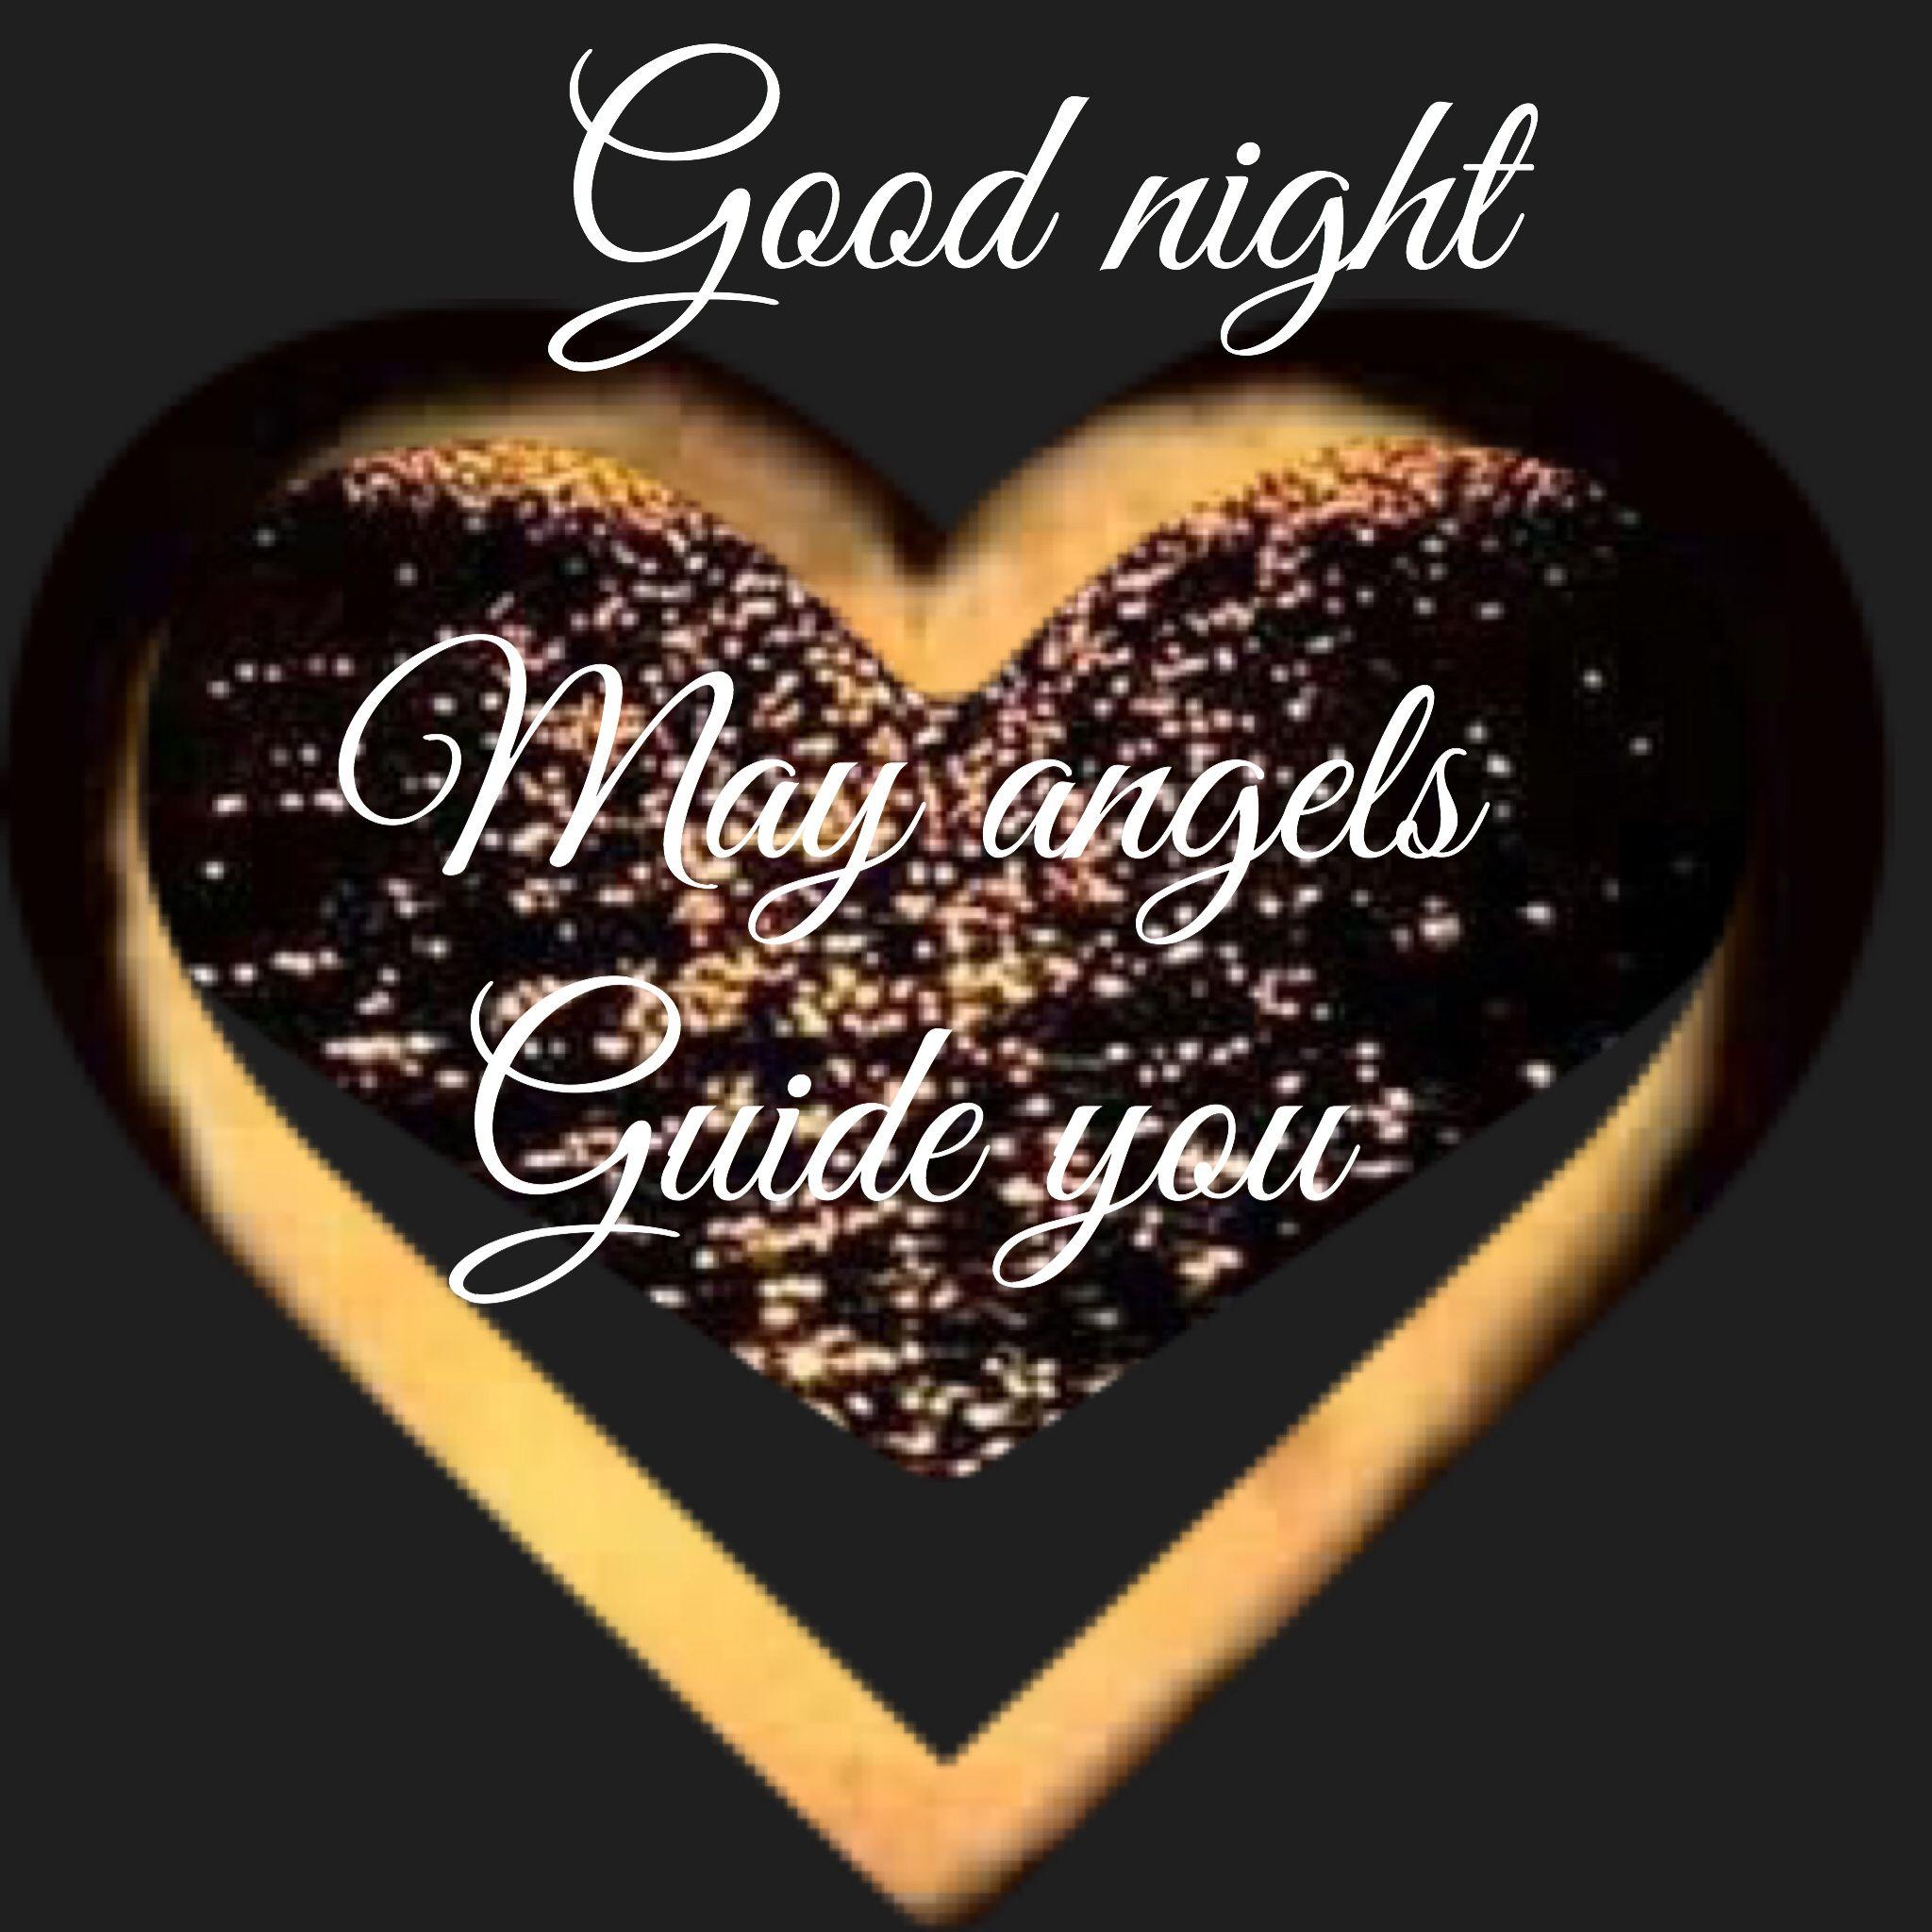 Pin By Yuki Matoba On Messages Good Night Blessings Good Night Good Night Sister